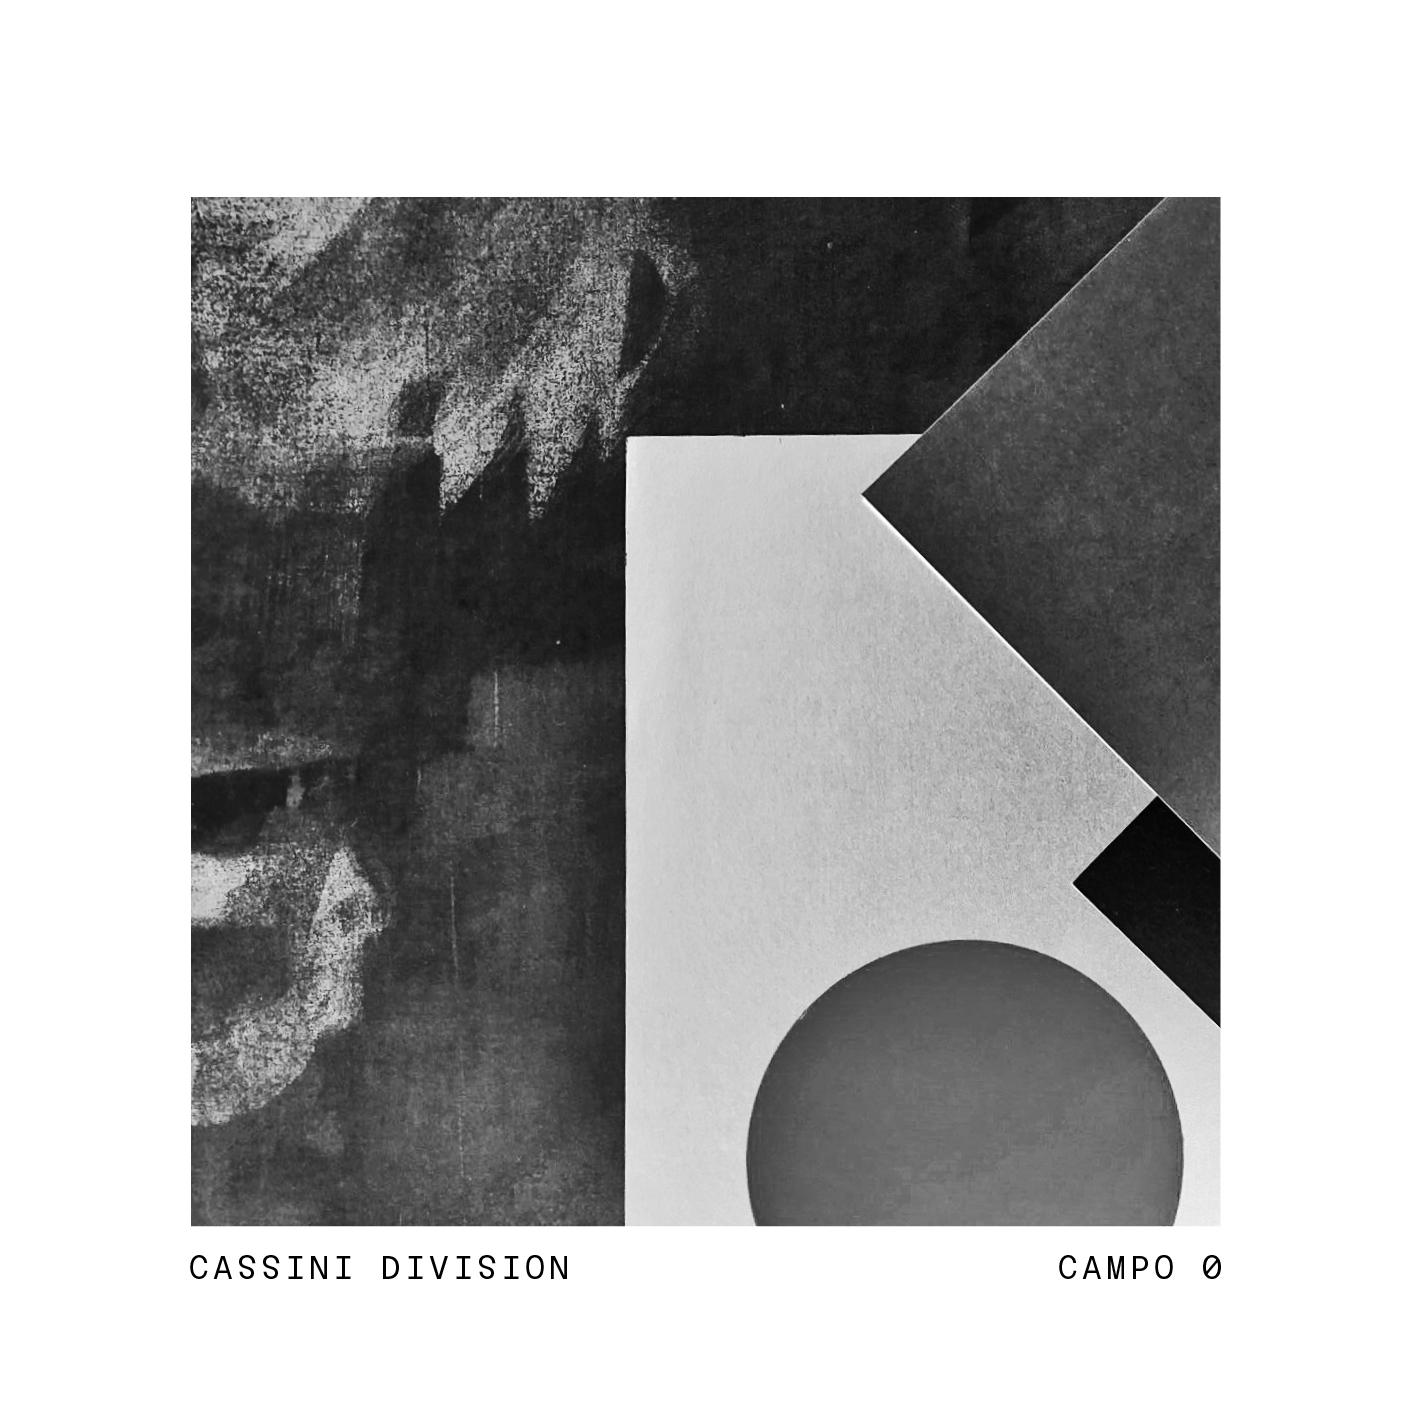 Cassini Division - Campo 0